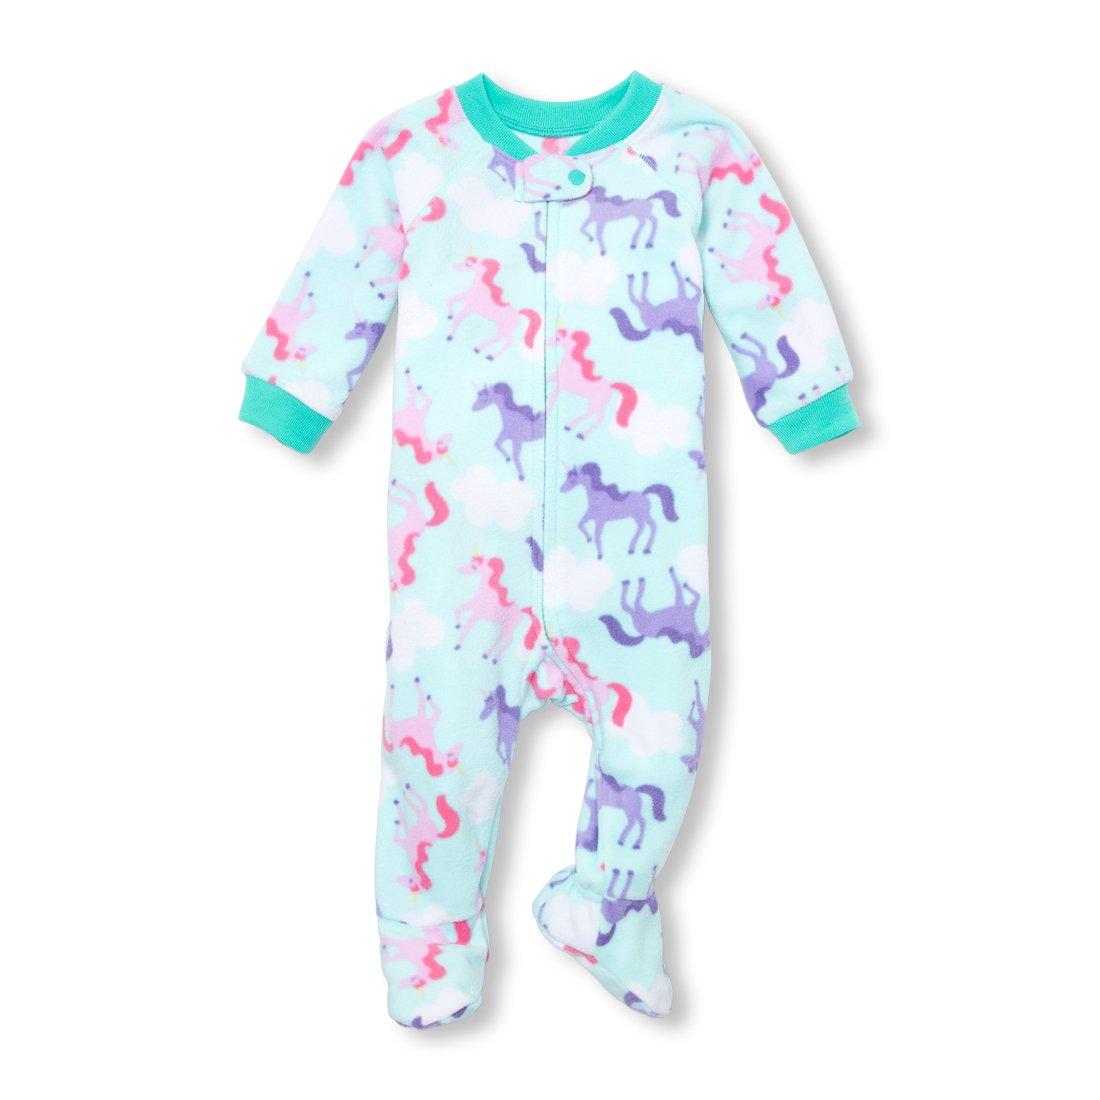 The Children's Place Baby Girls Zip Blanket Sleeper The Children' s Place